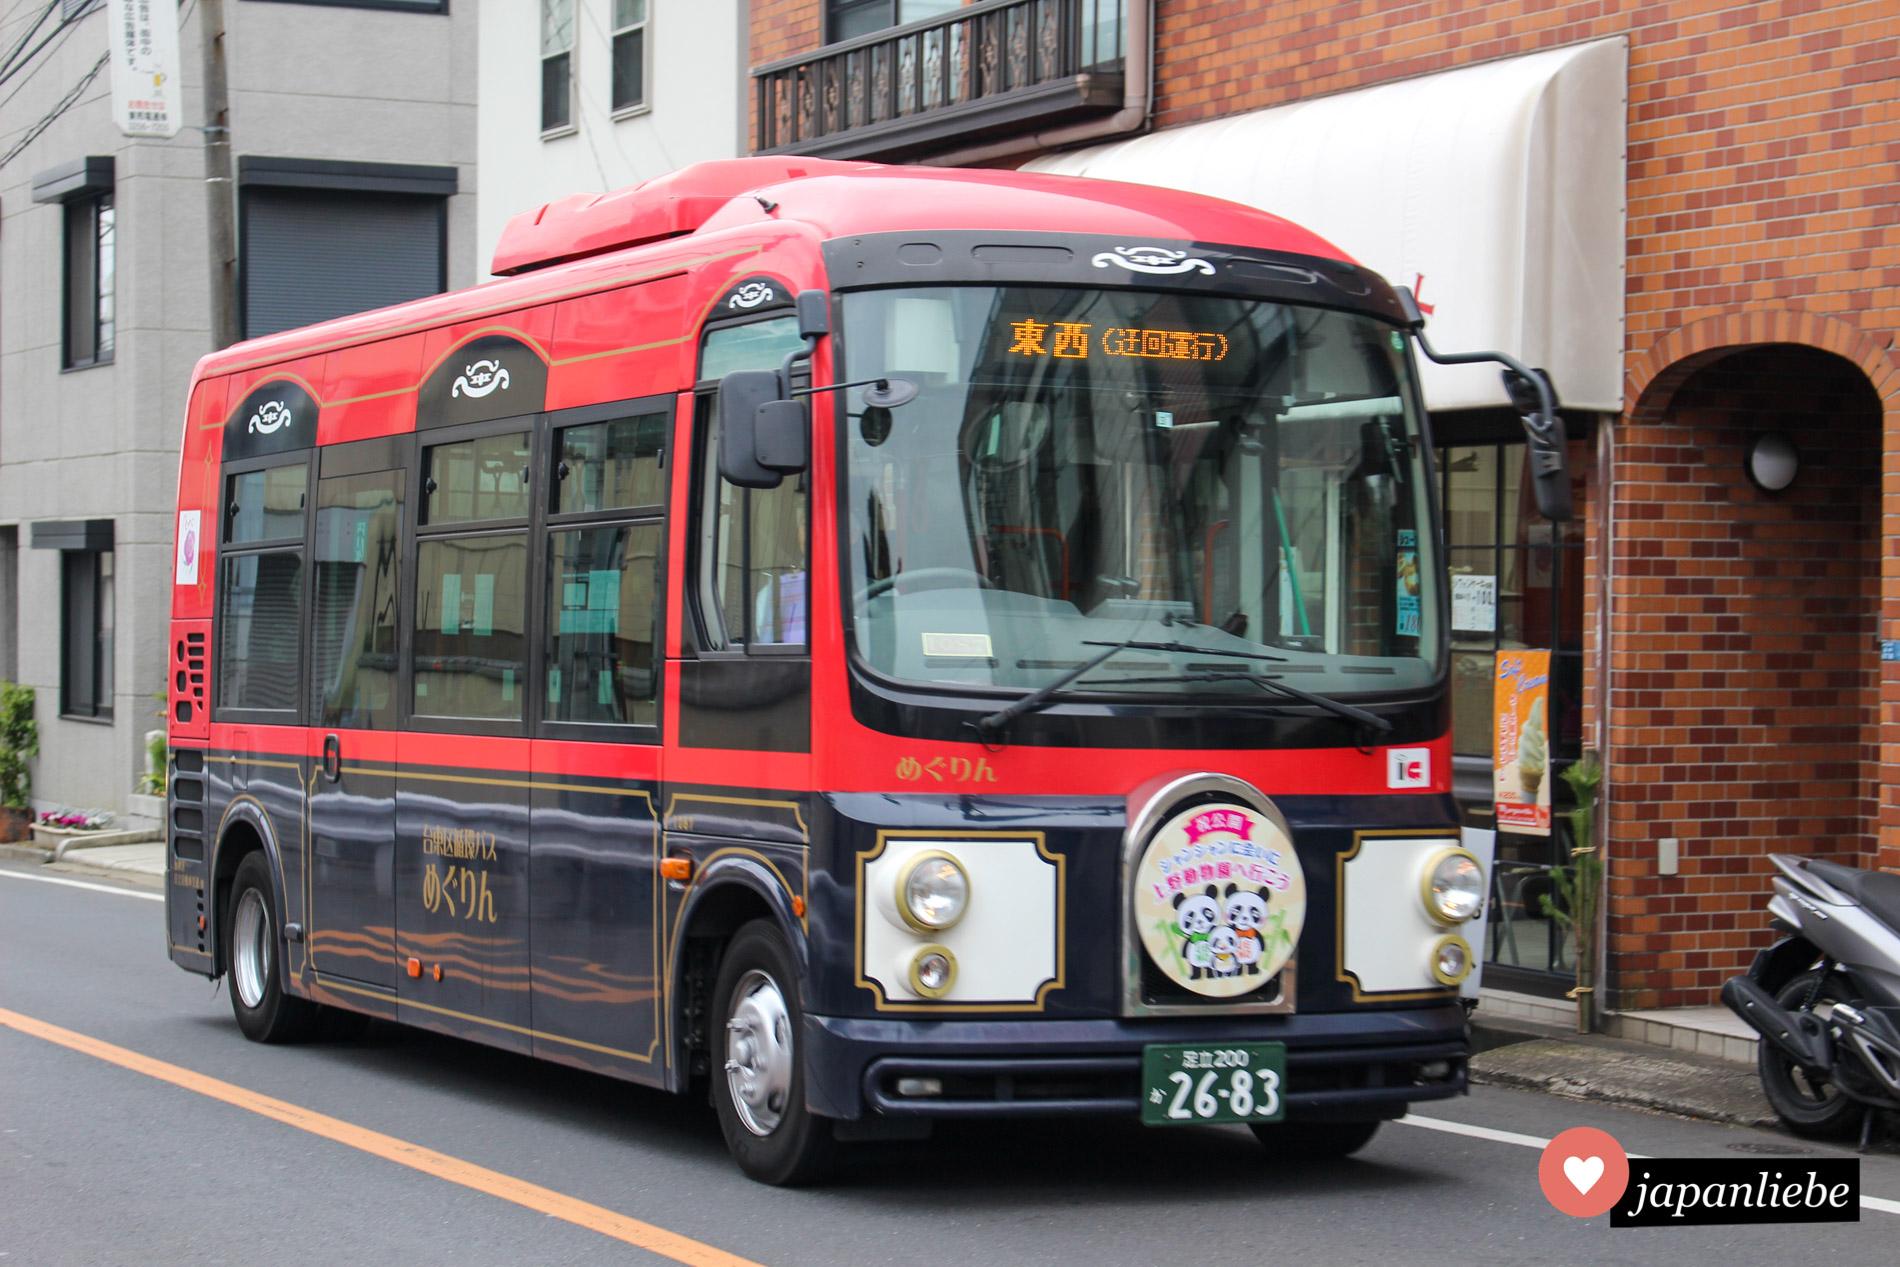 Ein nostalgisch wirkender Bus fährt seine Linie in Tōkyōs Stadtteil Ueno, unverkennbar am Panda auf dem Schild vorne.